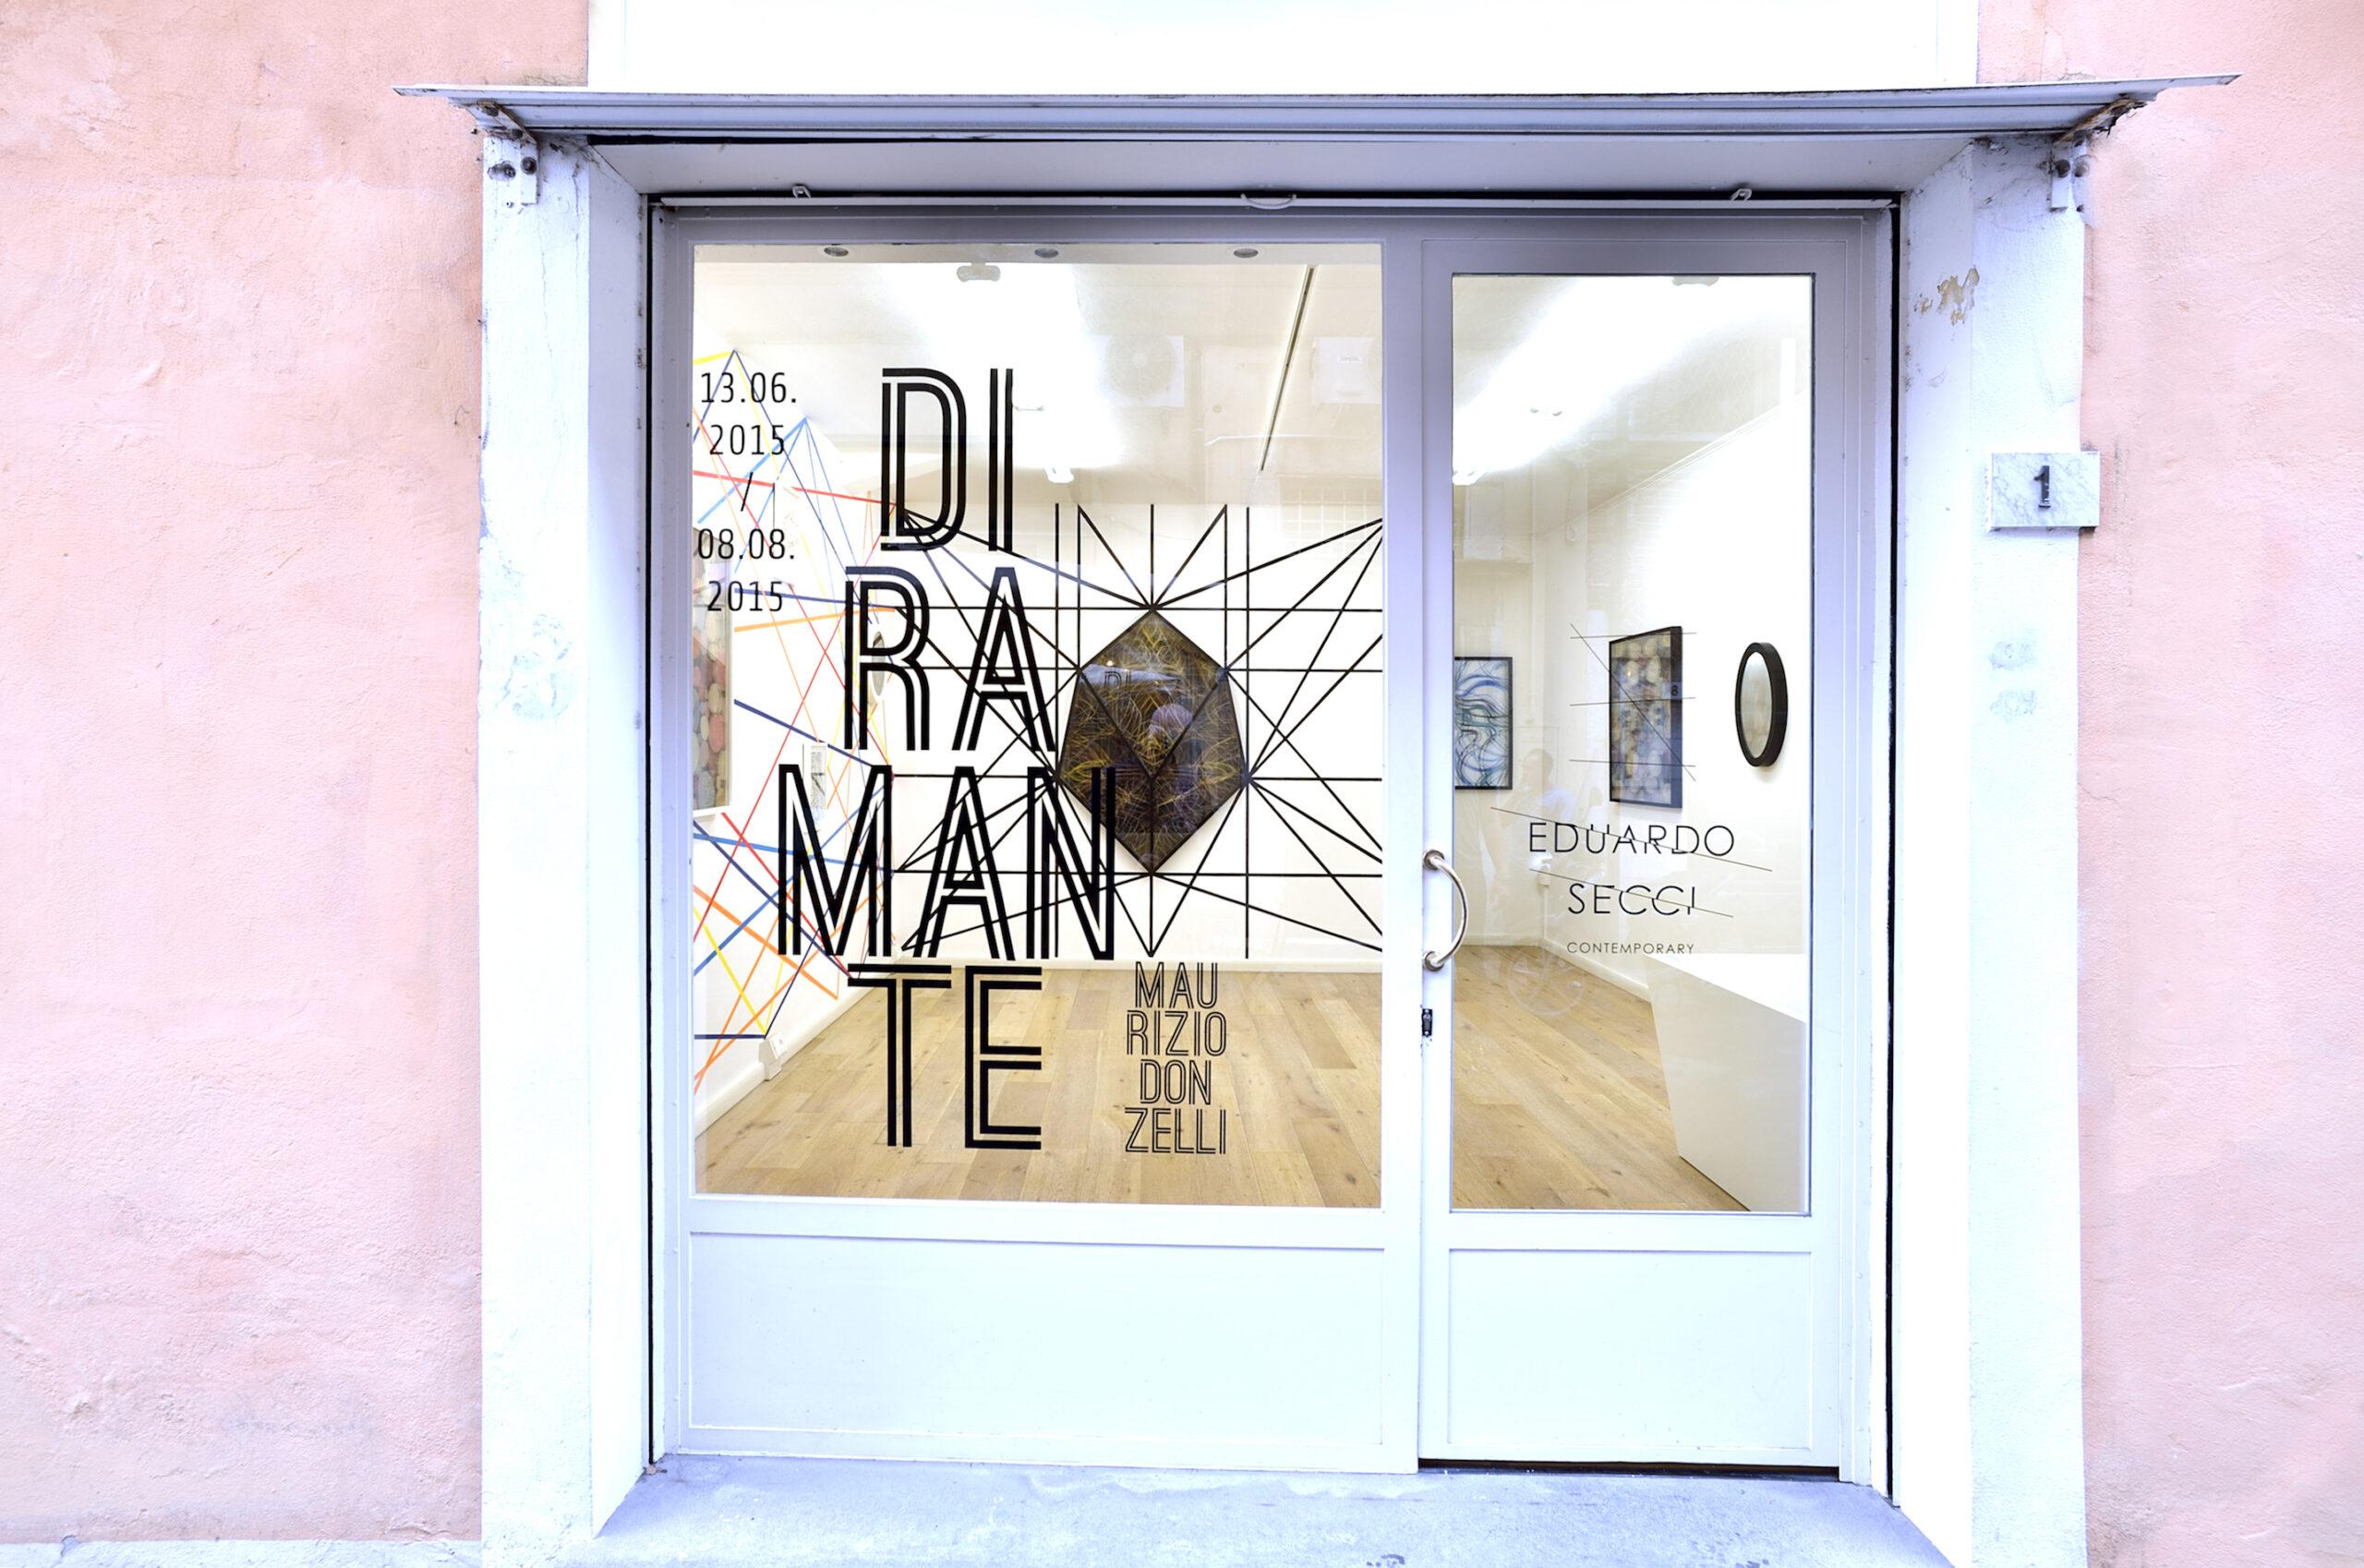 Maurizio Donzelli Diramante